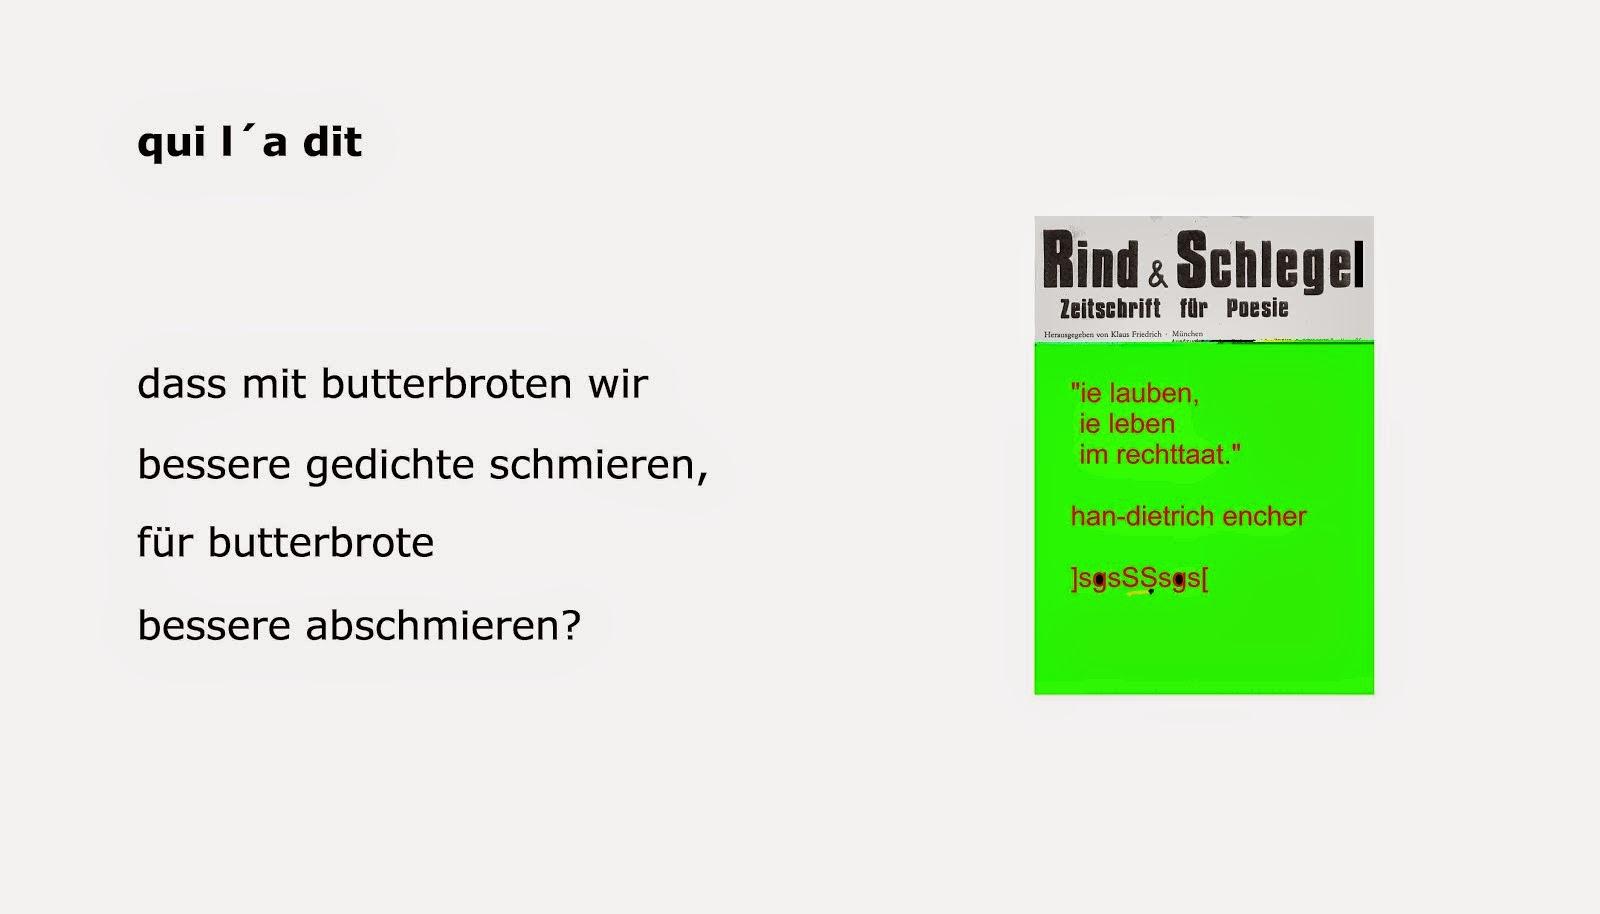 grUNdrechte verfassUNg deutsche telekom wahrheit genscher DIE GEISTIGE REVOLUTION mischa vetere nsa